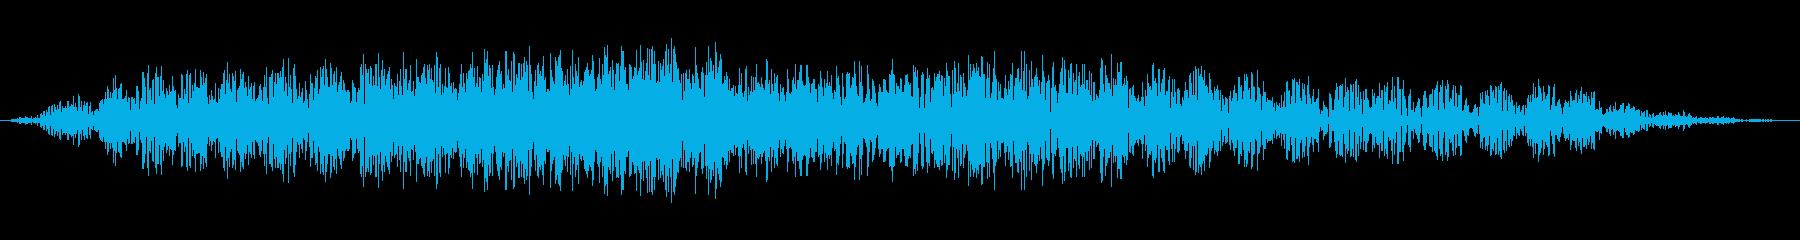 未知の領域2の再生済みの波形